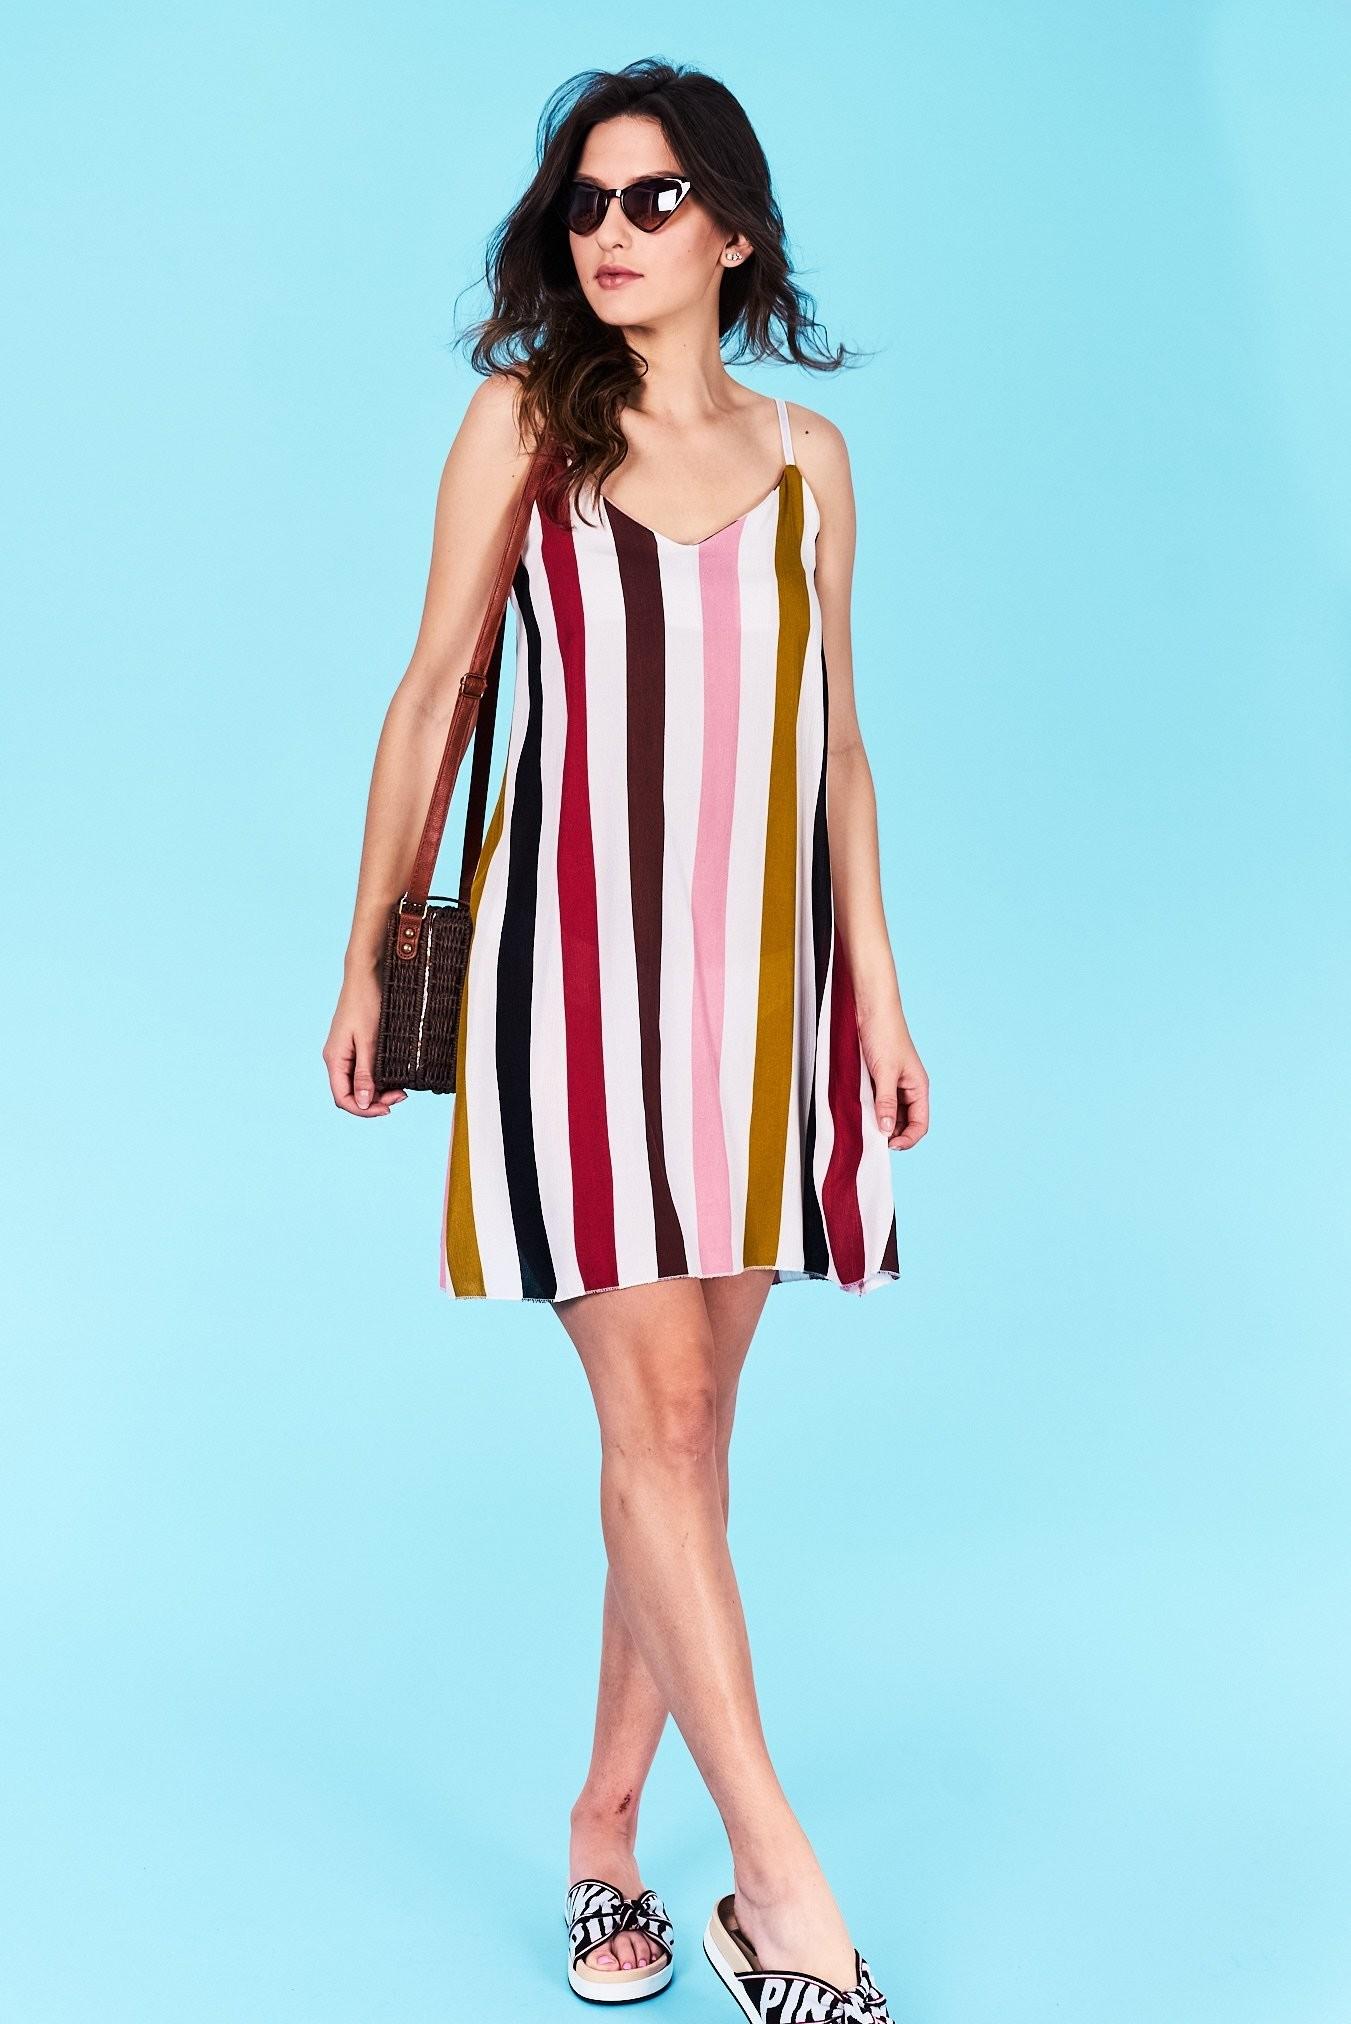 b77a46686c07 Dámske šaty prúžkované ružové Alyssa Veľkosť UNI-verzálna Vyrobené z  príjemného materiálu. Pohodlné šaty